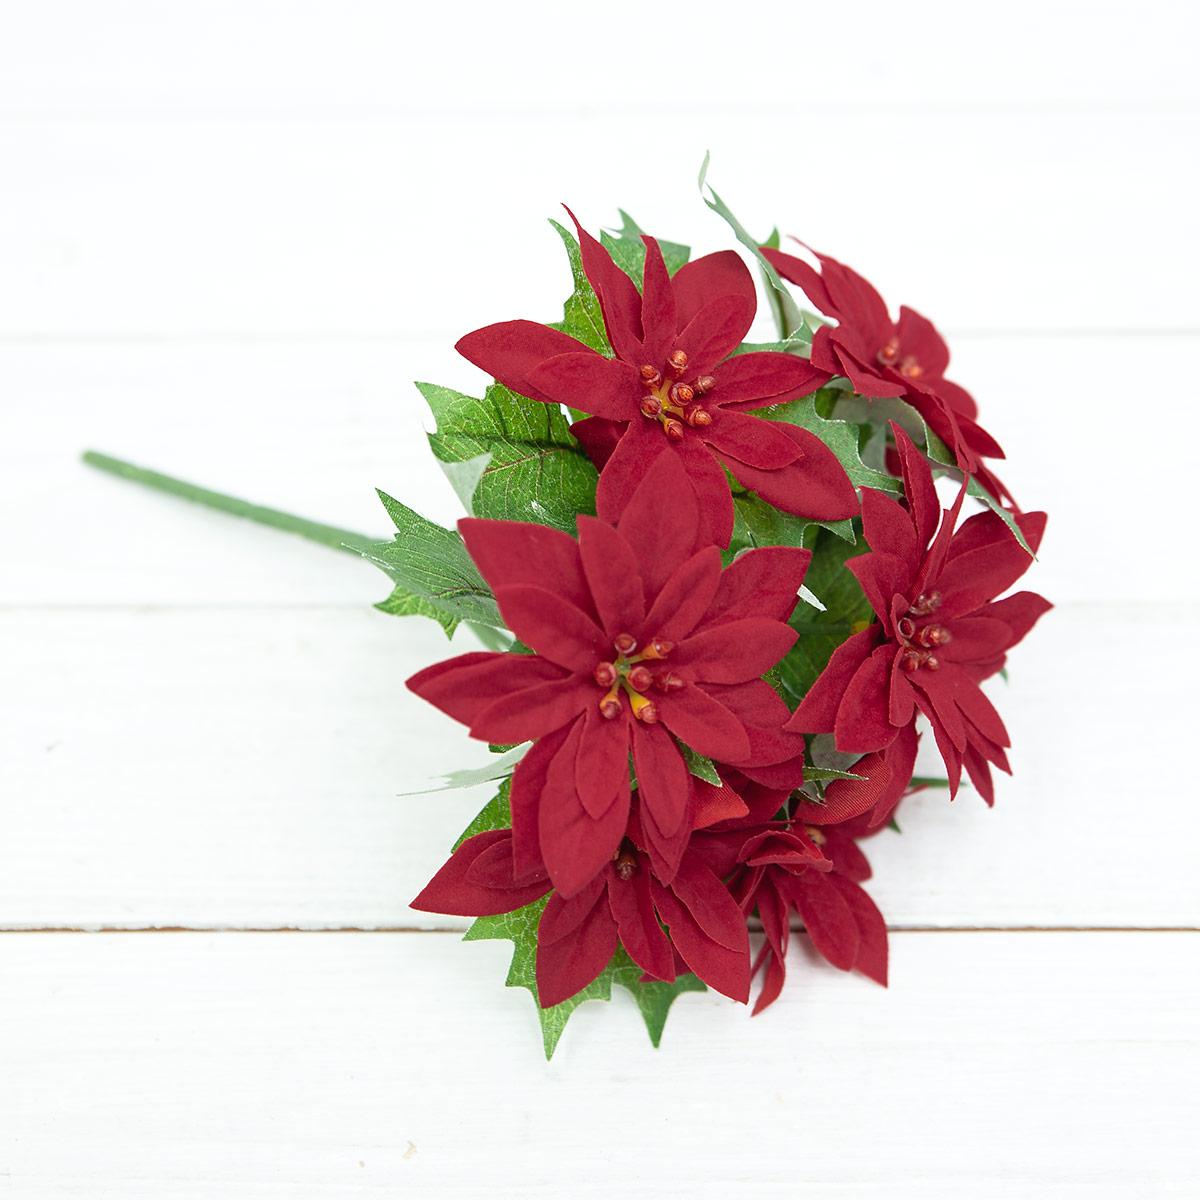 벨벳 미니 포인세티아 꽃 부쉬 24cm 실크플라워 조화 - 아티플라자, 3,700원, 조화, 부쉬